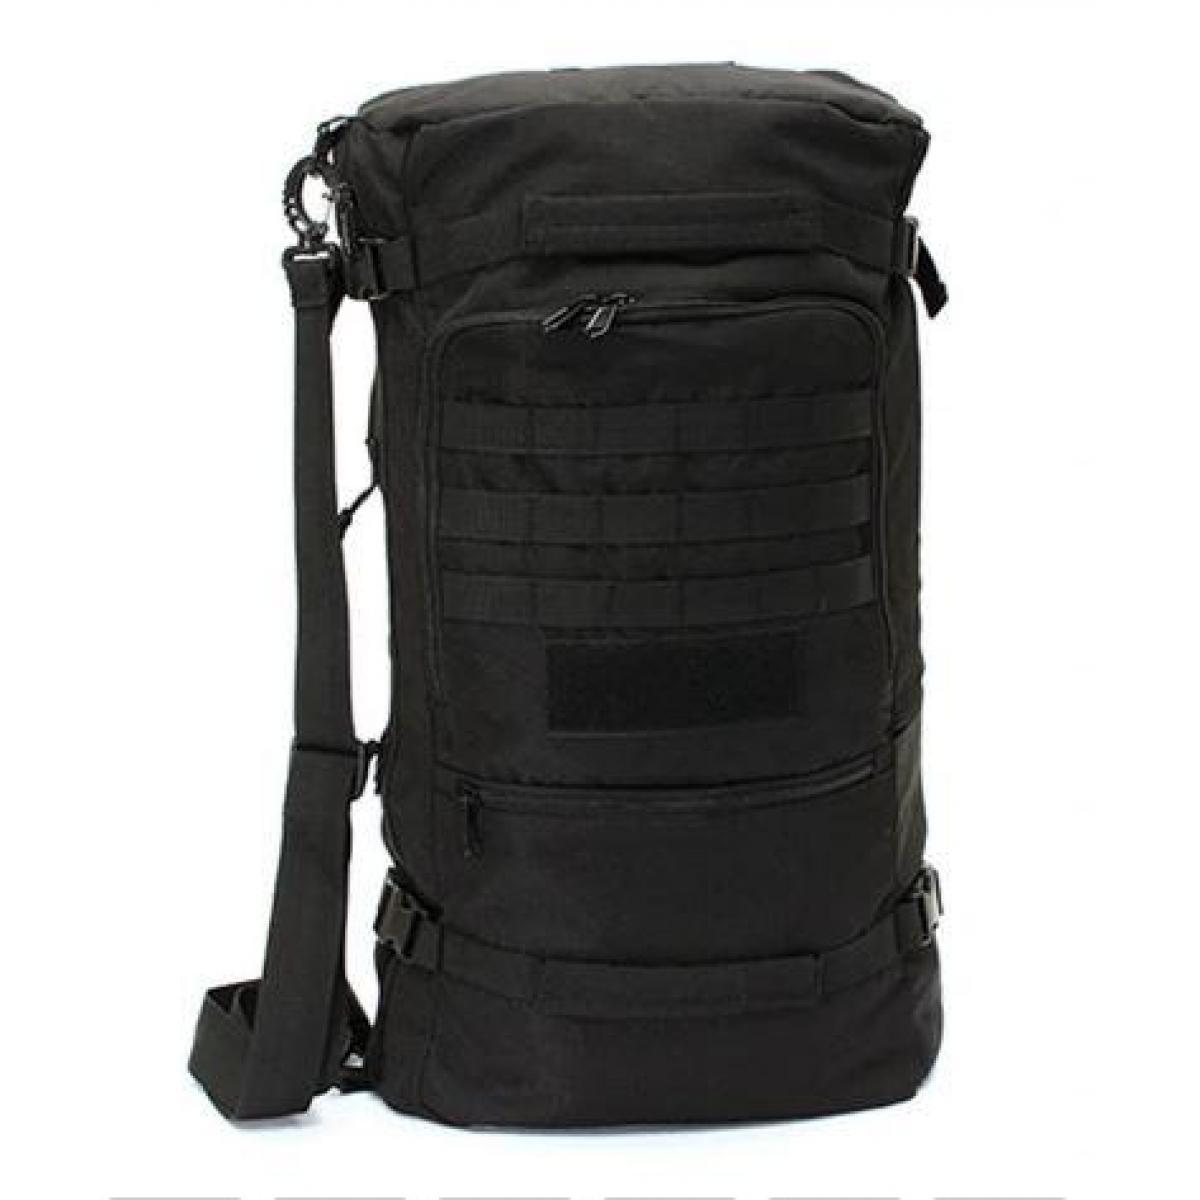 Сумка-рюкзак тактическая R101 черная, 50 л